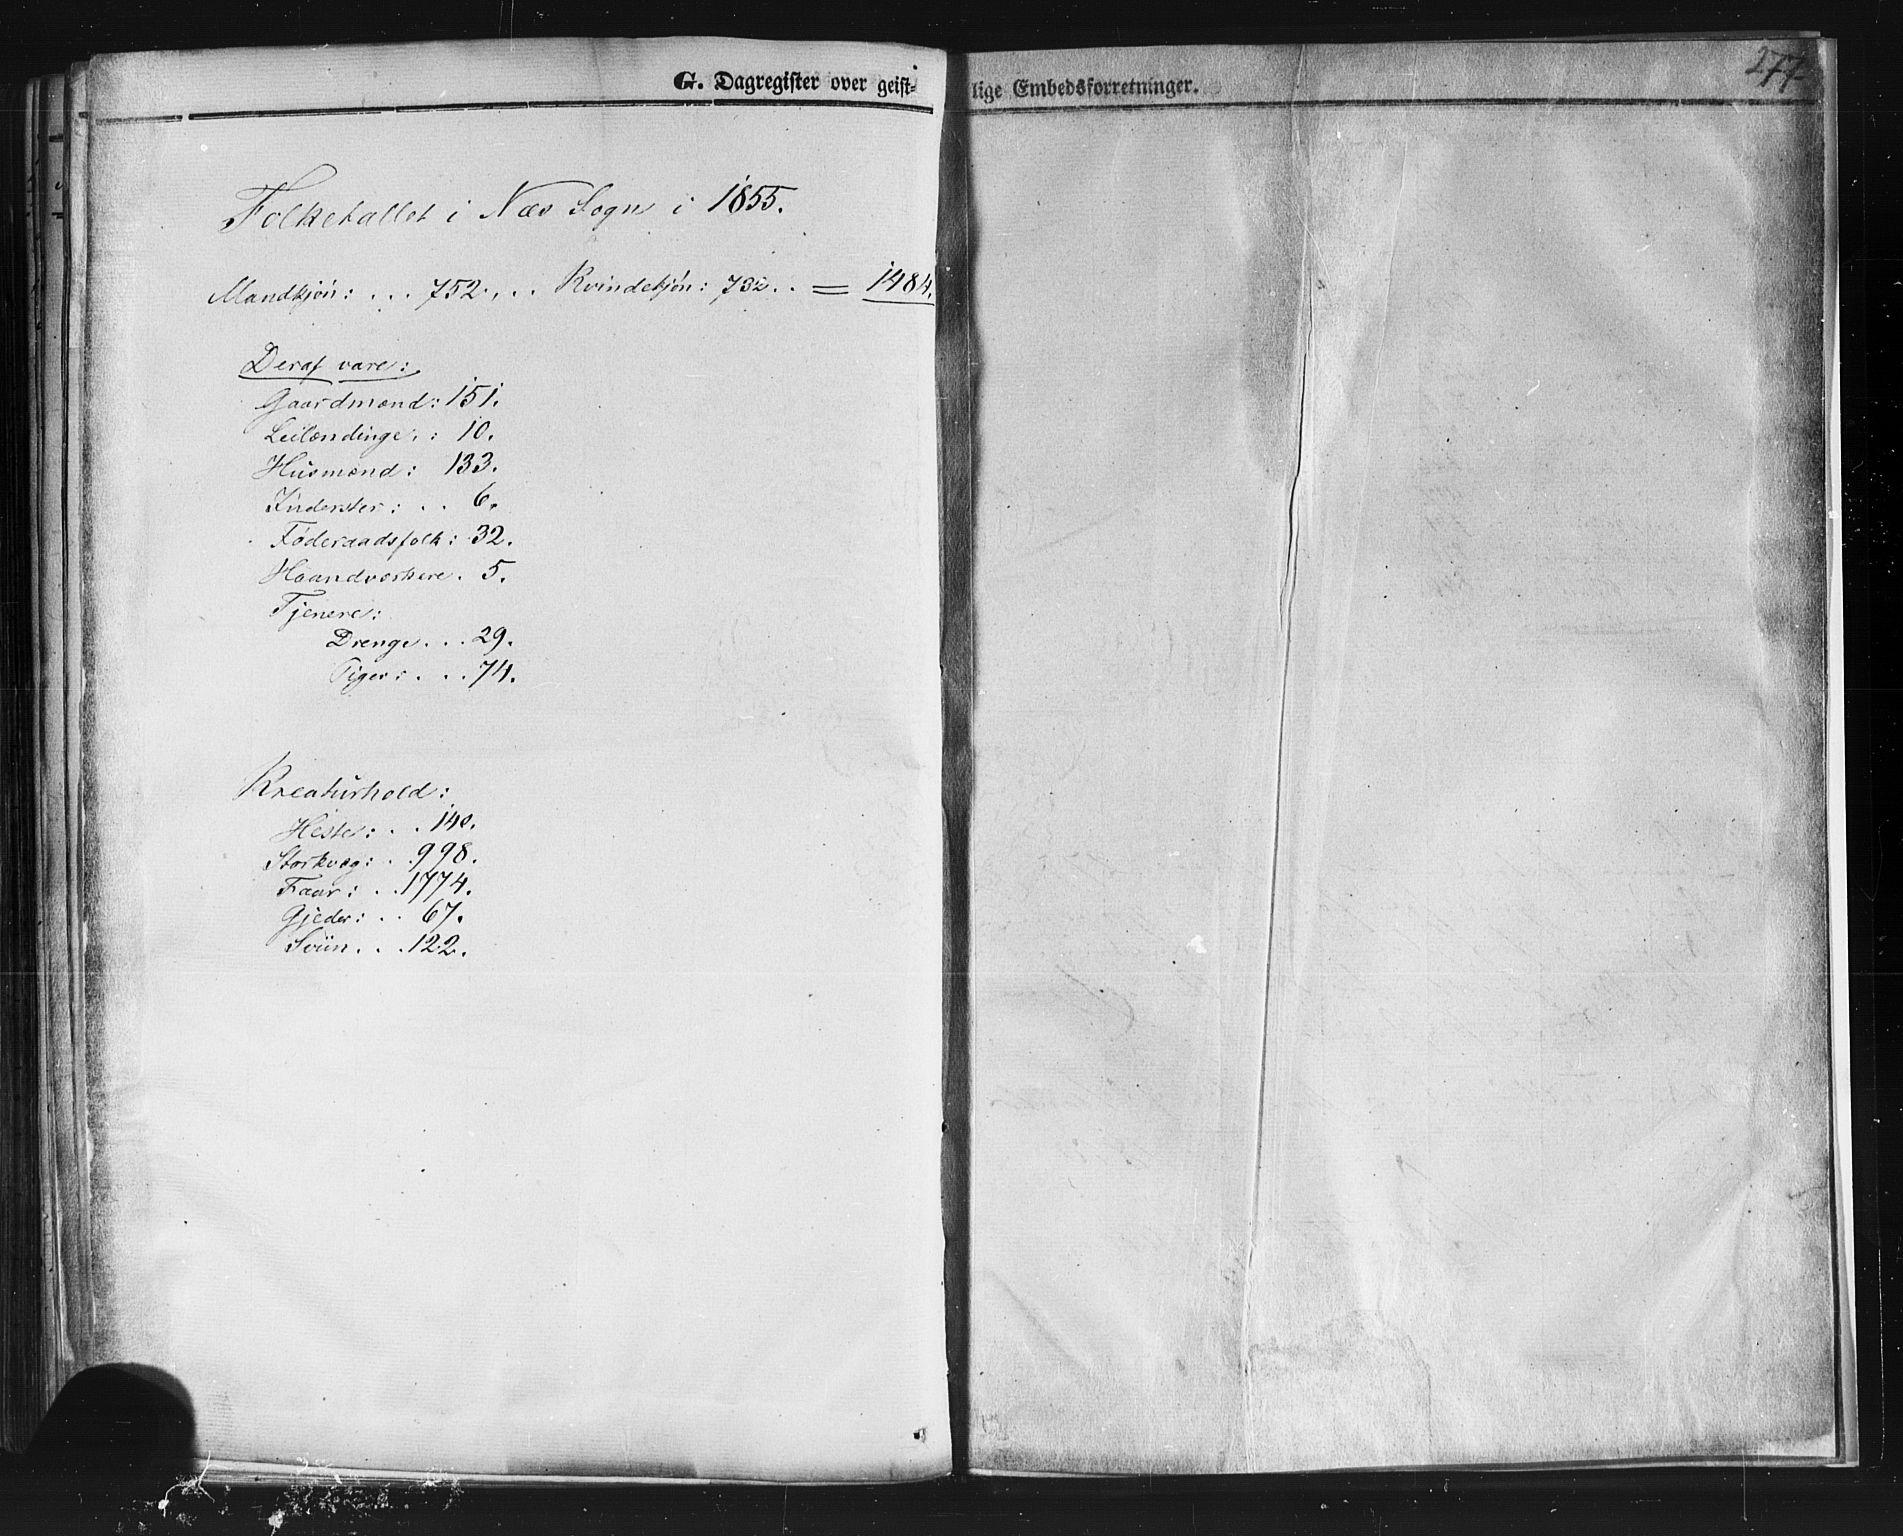 SAKO, Sauherad kirkebøker, F/Fb/L0001: Ministerialbok nr. II 1, 1851-1877, s. 277